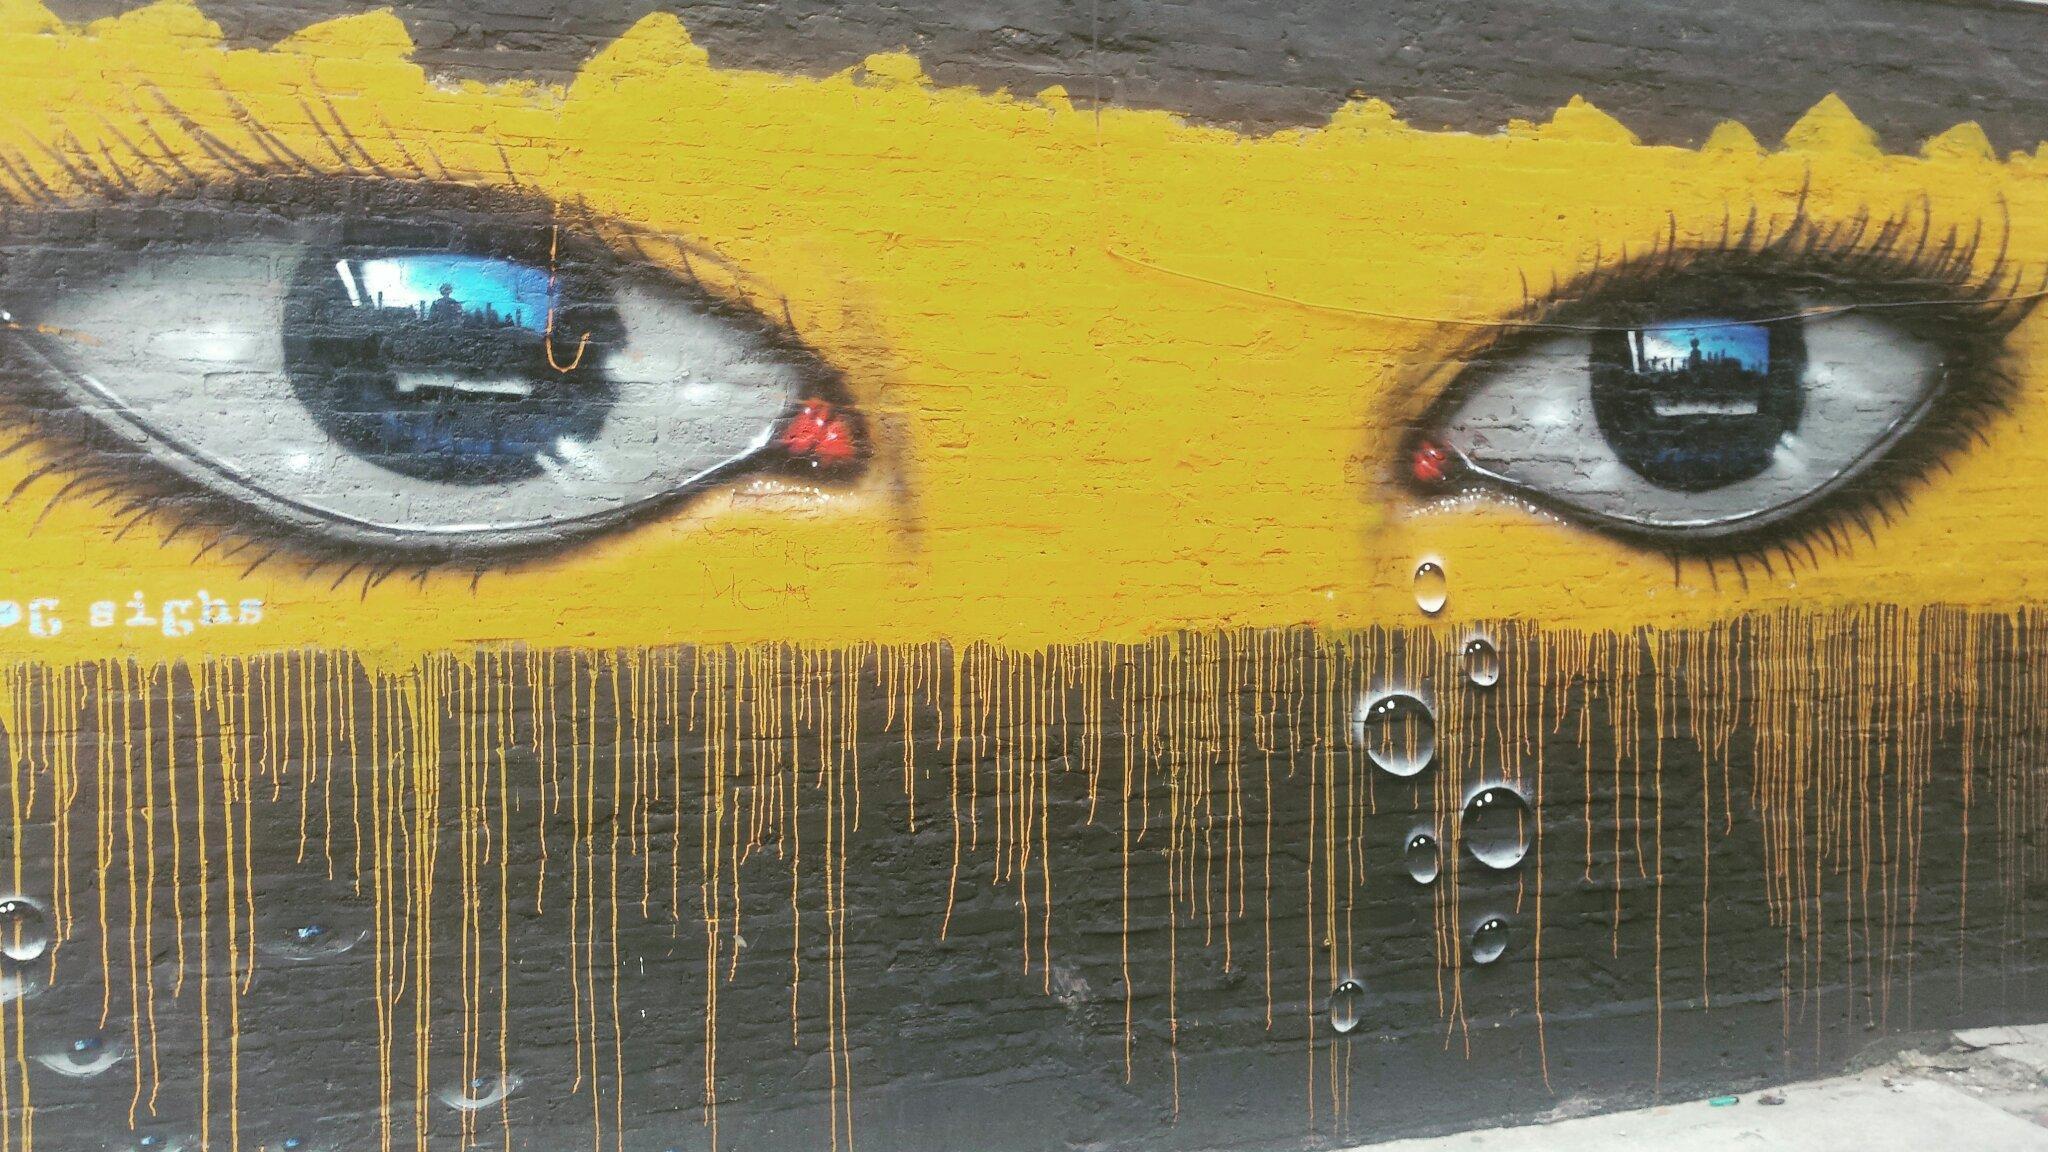 Bucktown graffiti